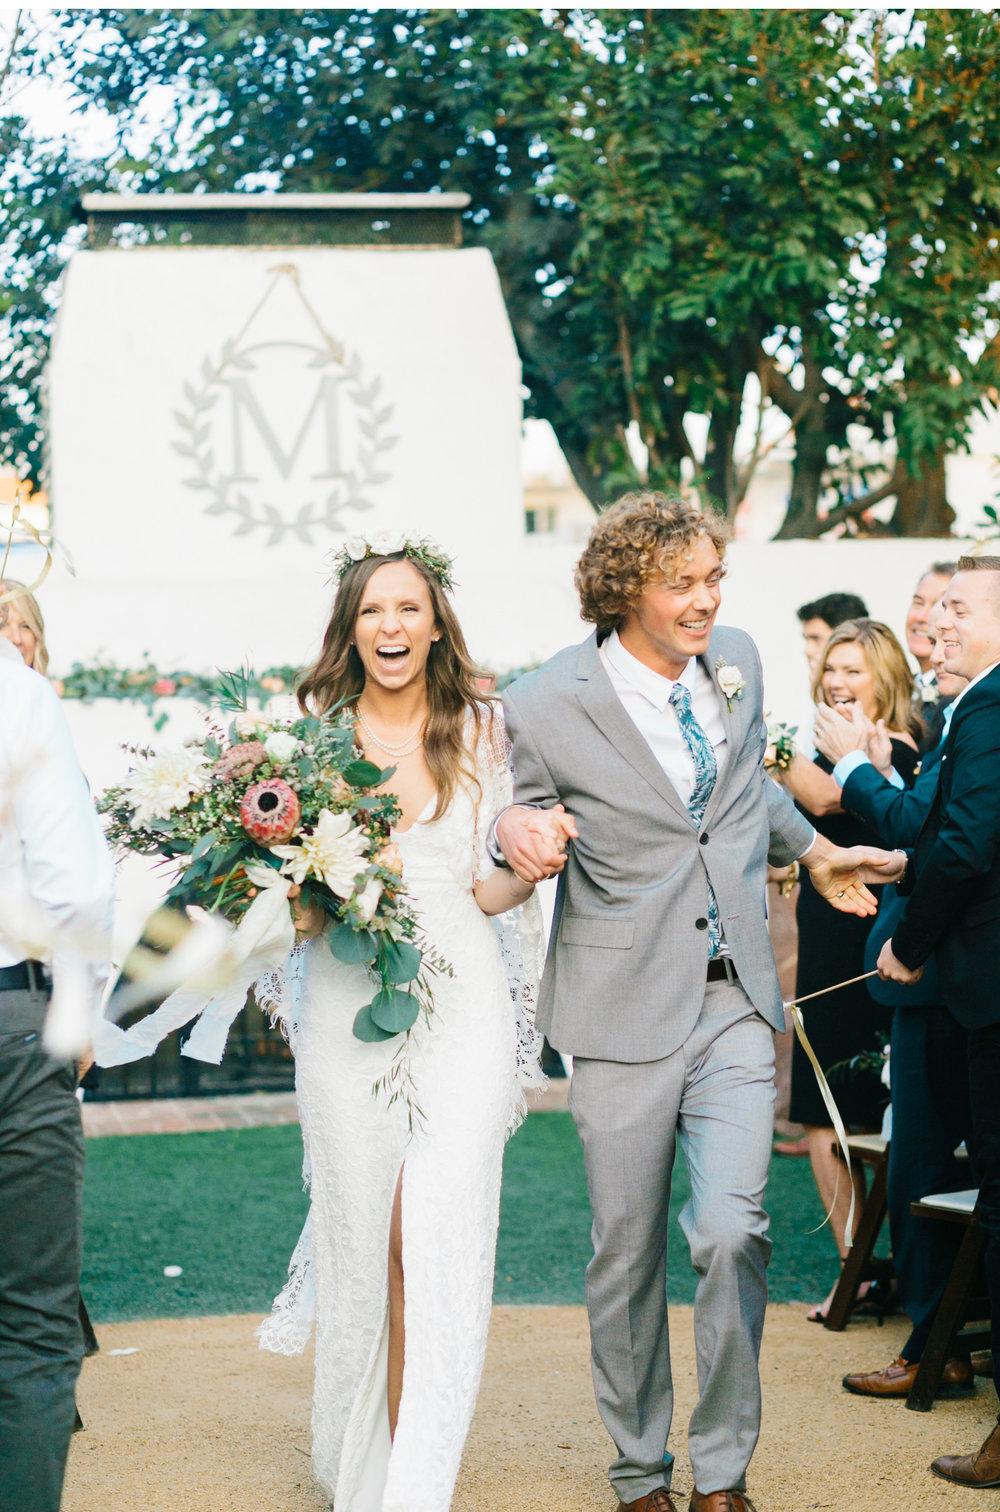 San-Clemente-Wedding-The-Casino-Natalie-Schutt-Photography_18.jpg